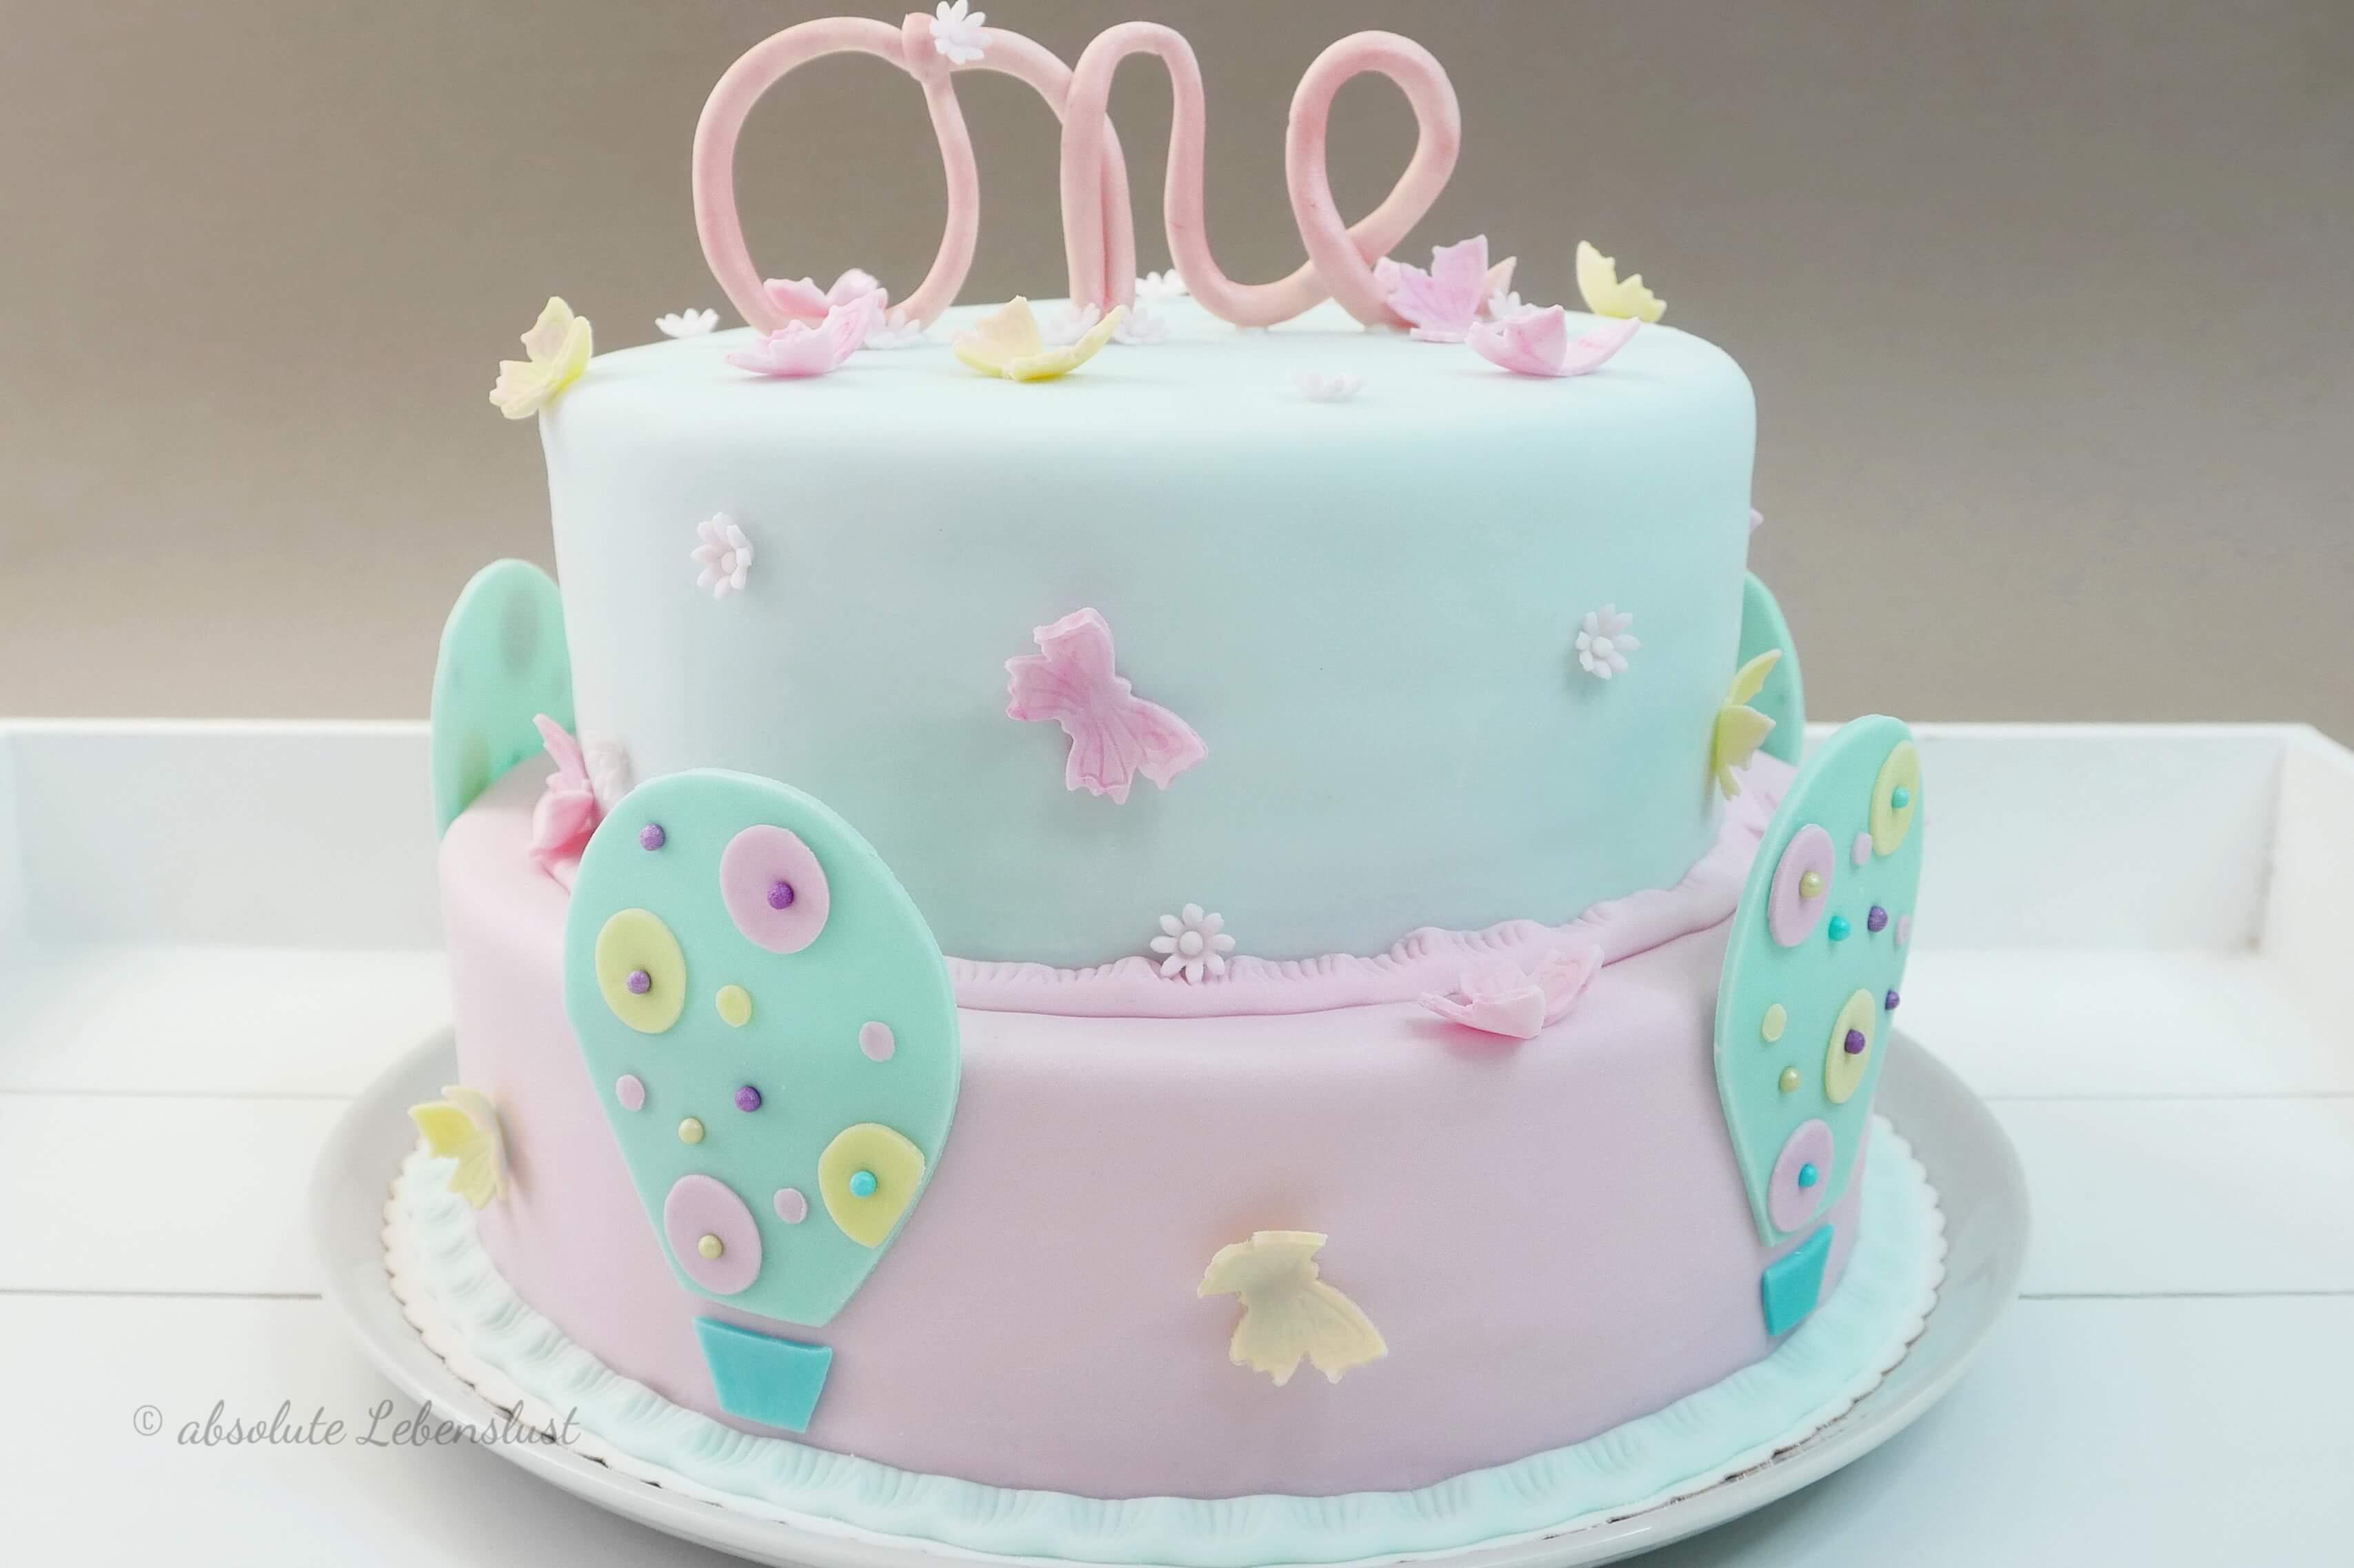 geburtstagstorte für babys, baby shower cake backen, baby shower cake, baby shower torte backen, selber machen, motivtorte mit fondant